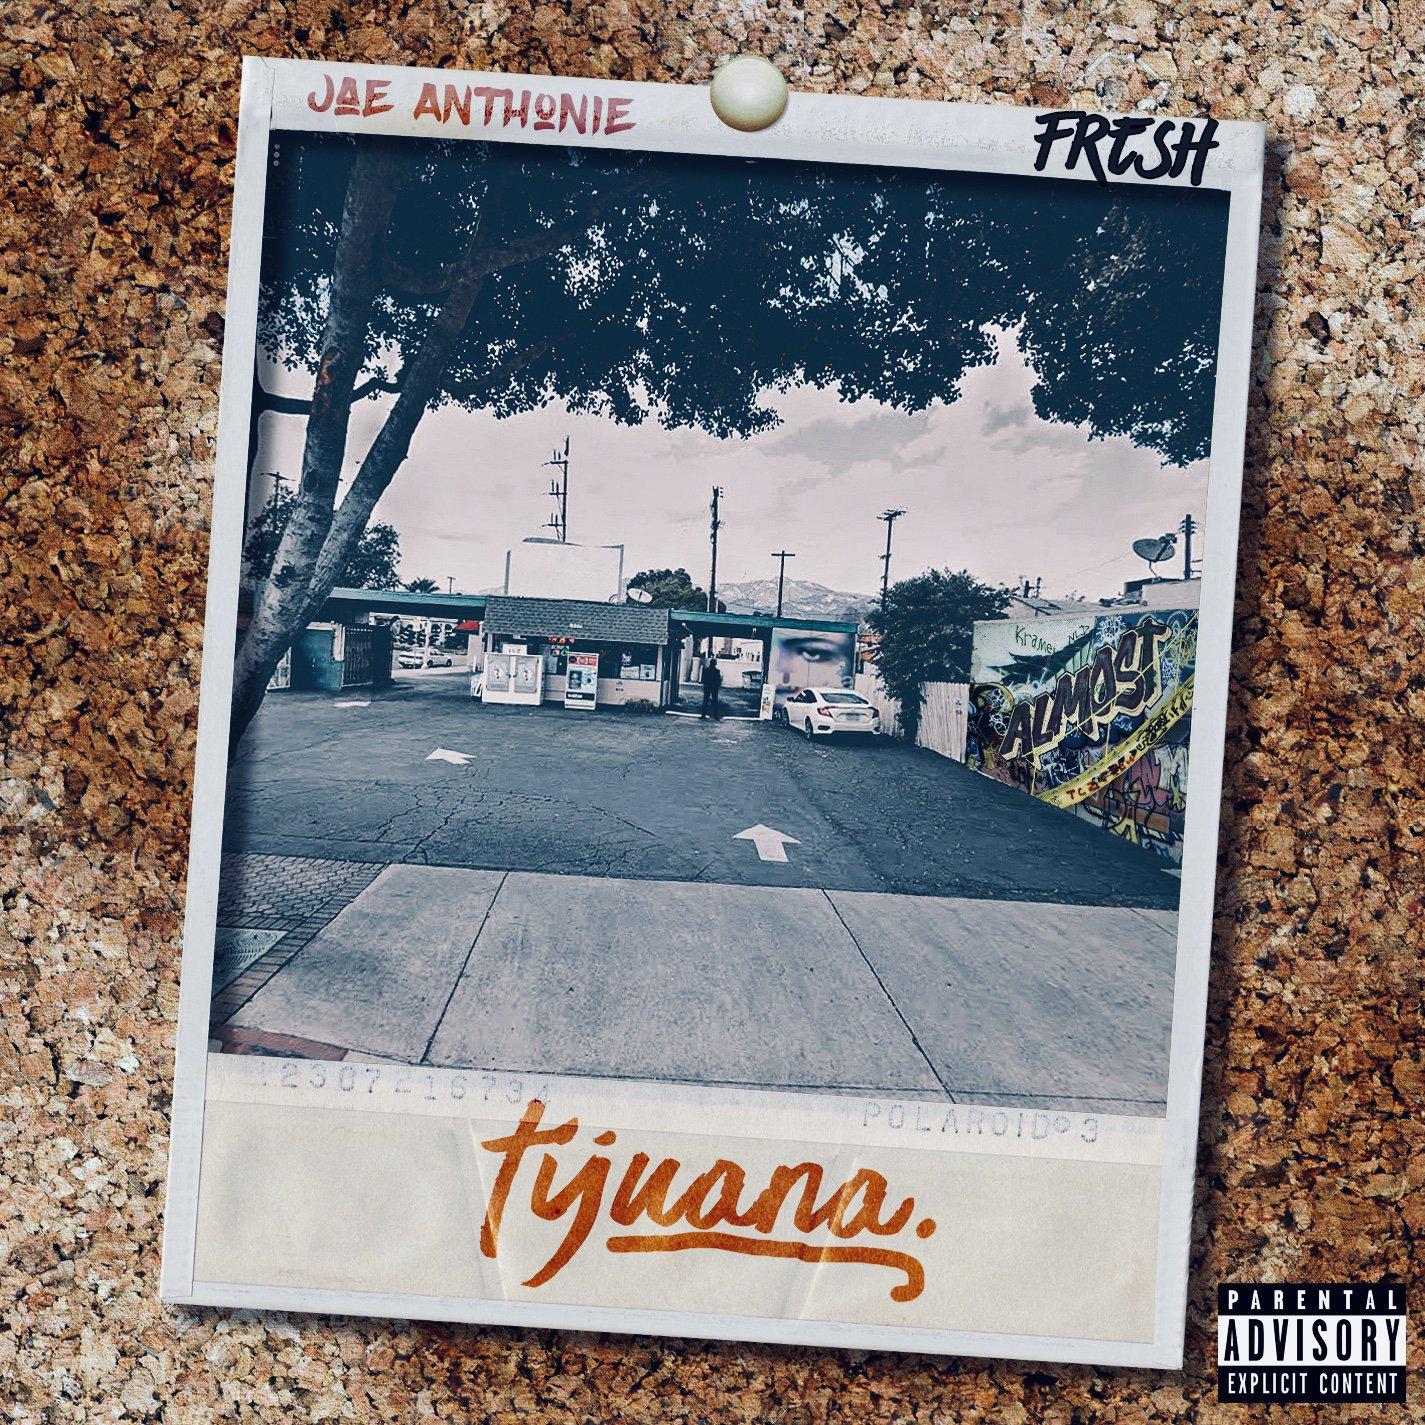 Jae Anthonie – Tijuana